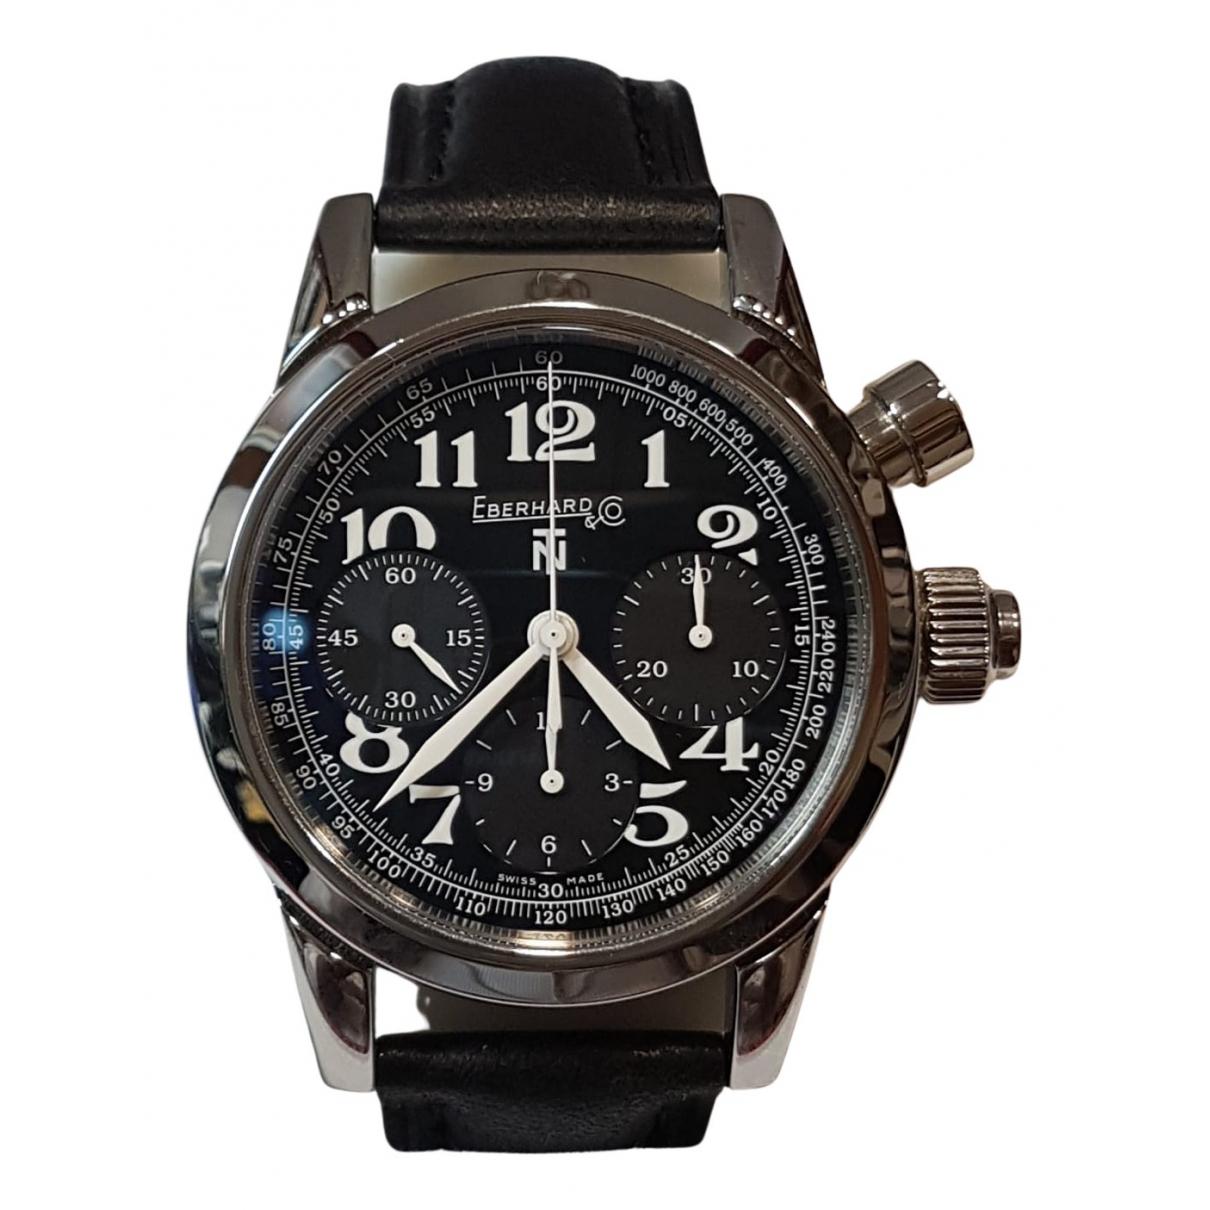 Relojes Eberhard